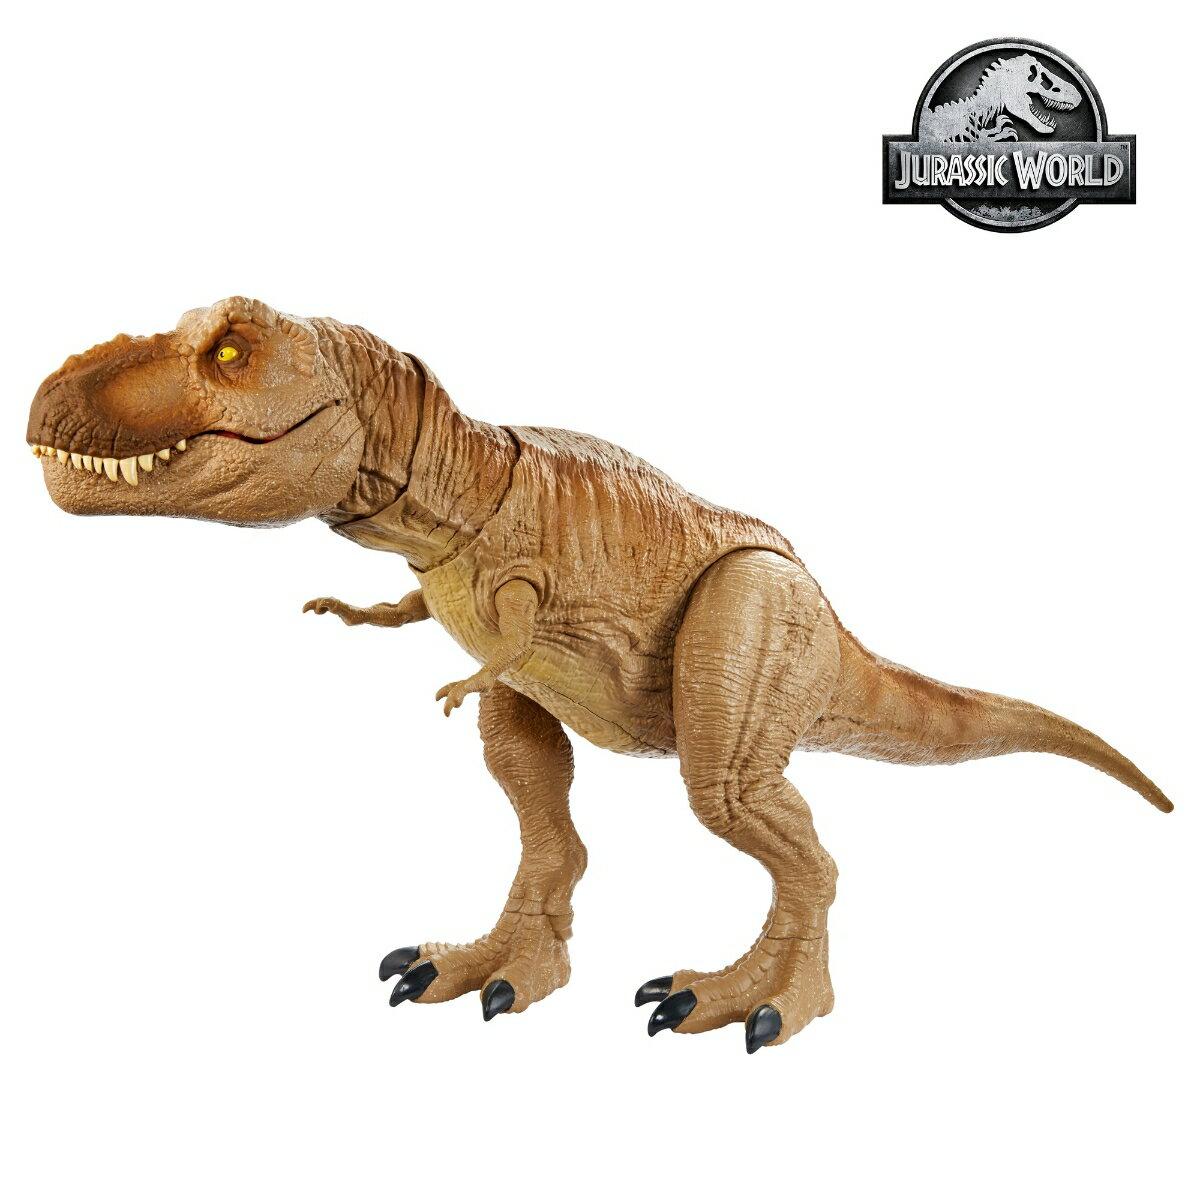 ジュラシック・ワールド スーパーアクション!T-レックス【サバイバル・キャンプ地図、恐竜ステッカー付】【全長:約55cm】 GJT60